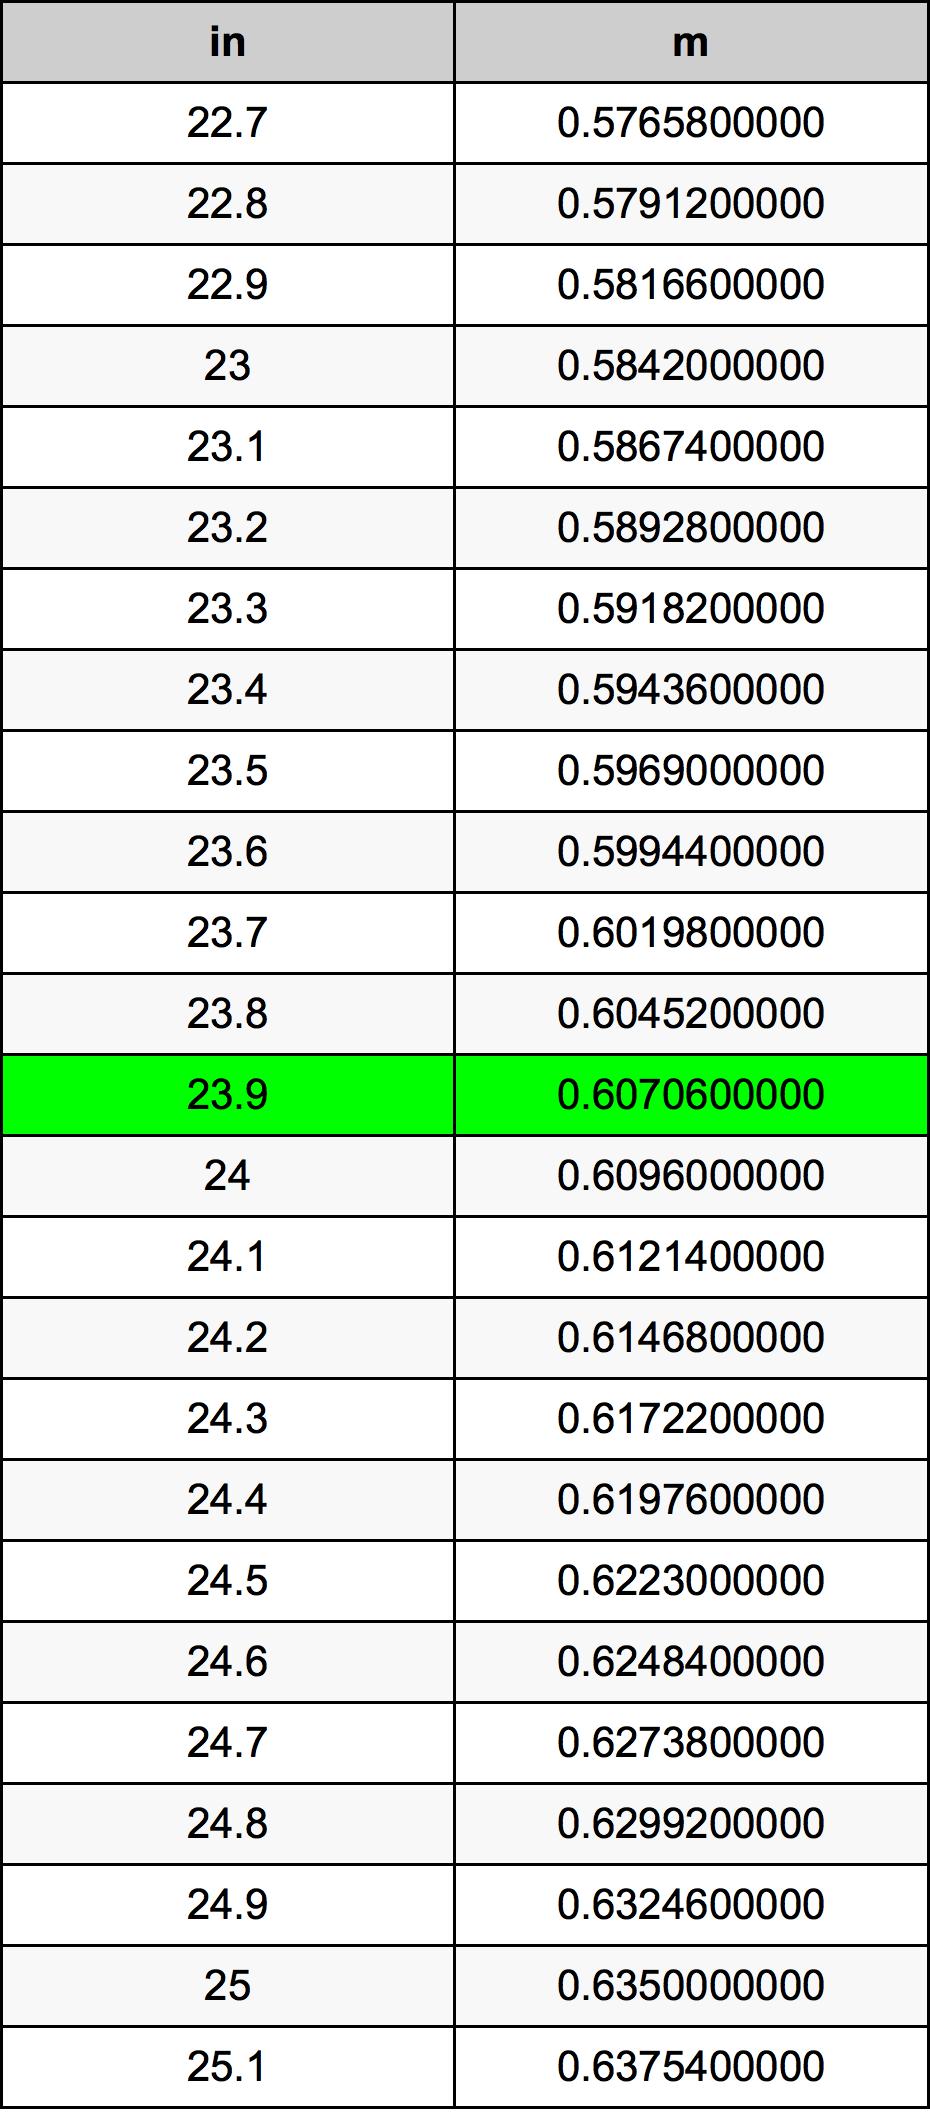 23.9 Colis konversijos lentelę